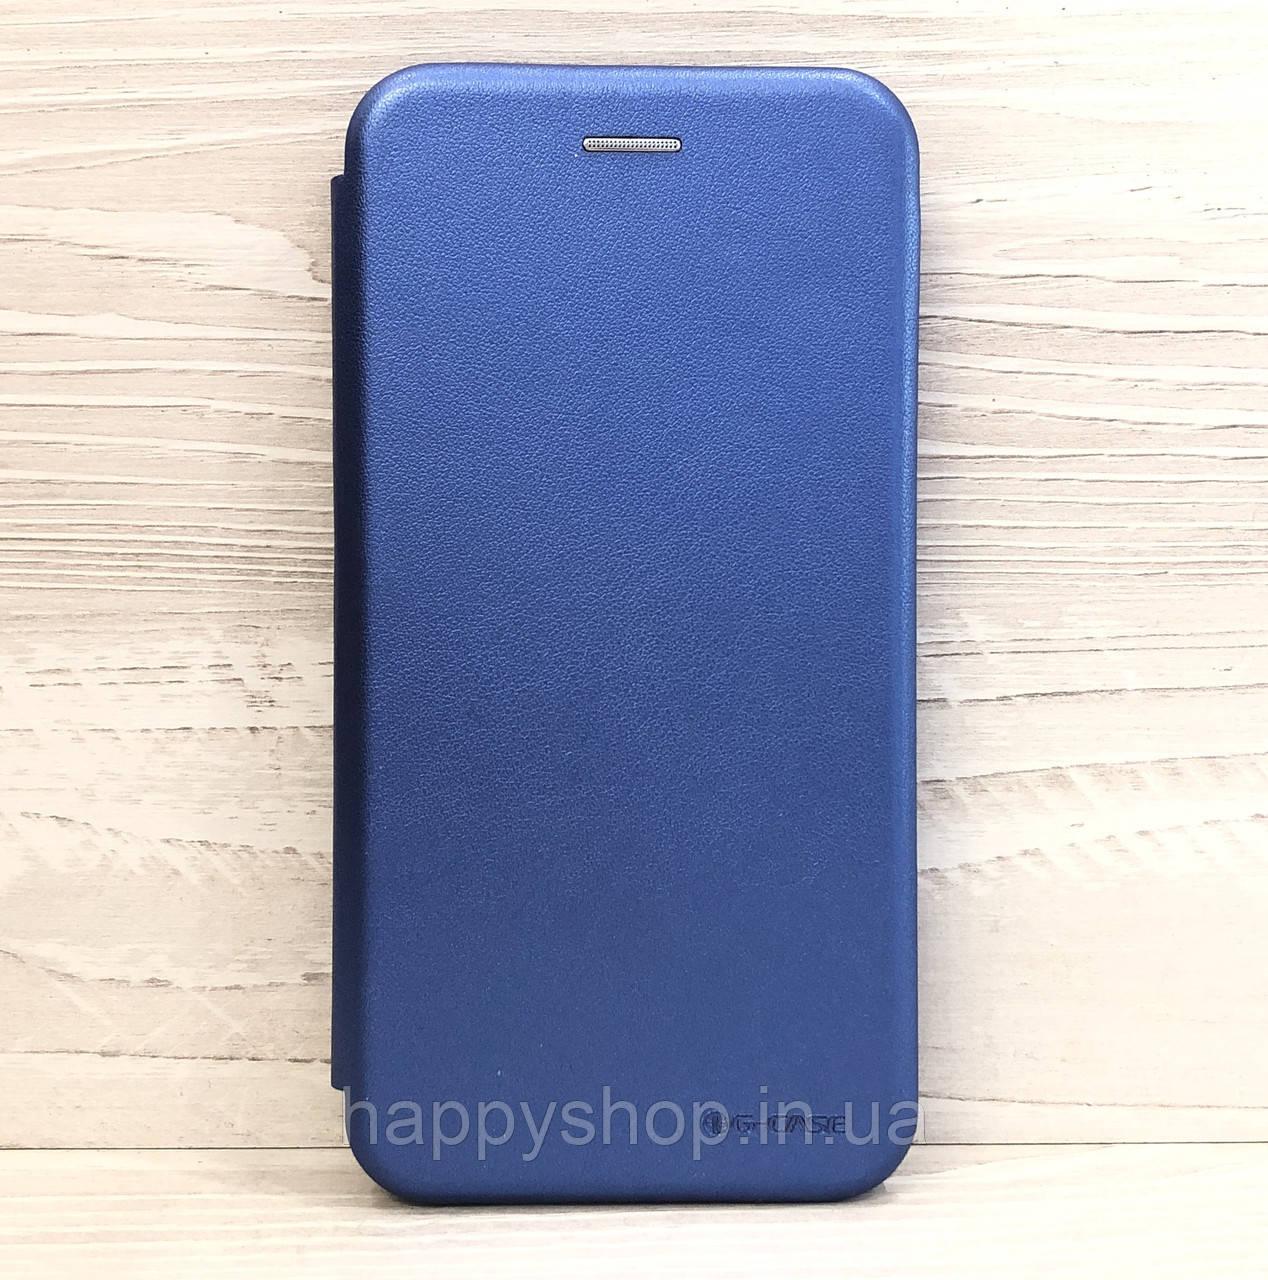 Чехол-книжка G-Case для Samsung Galaxy J8 2018 (J810) Синий